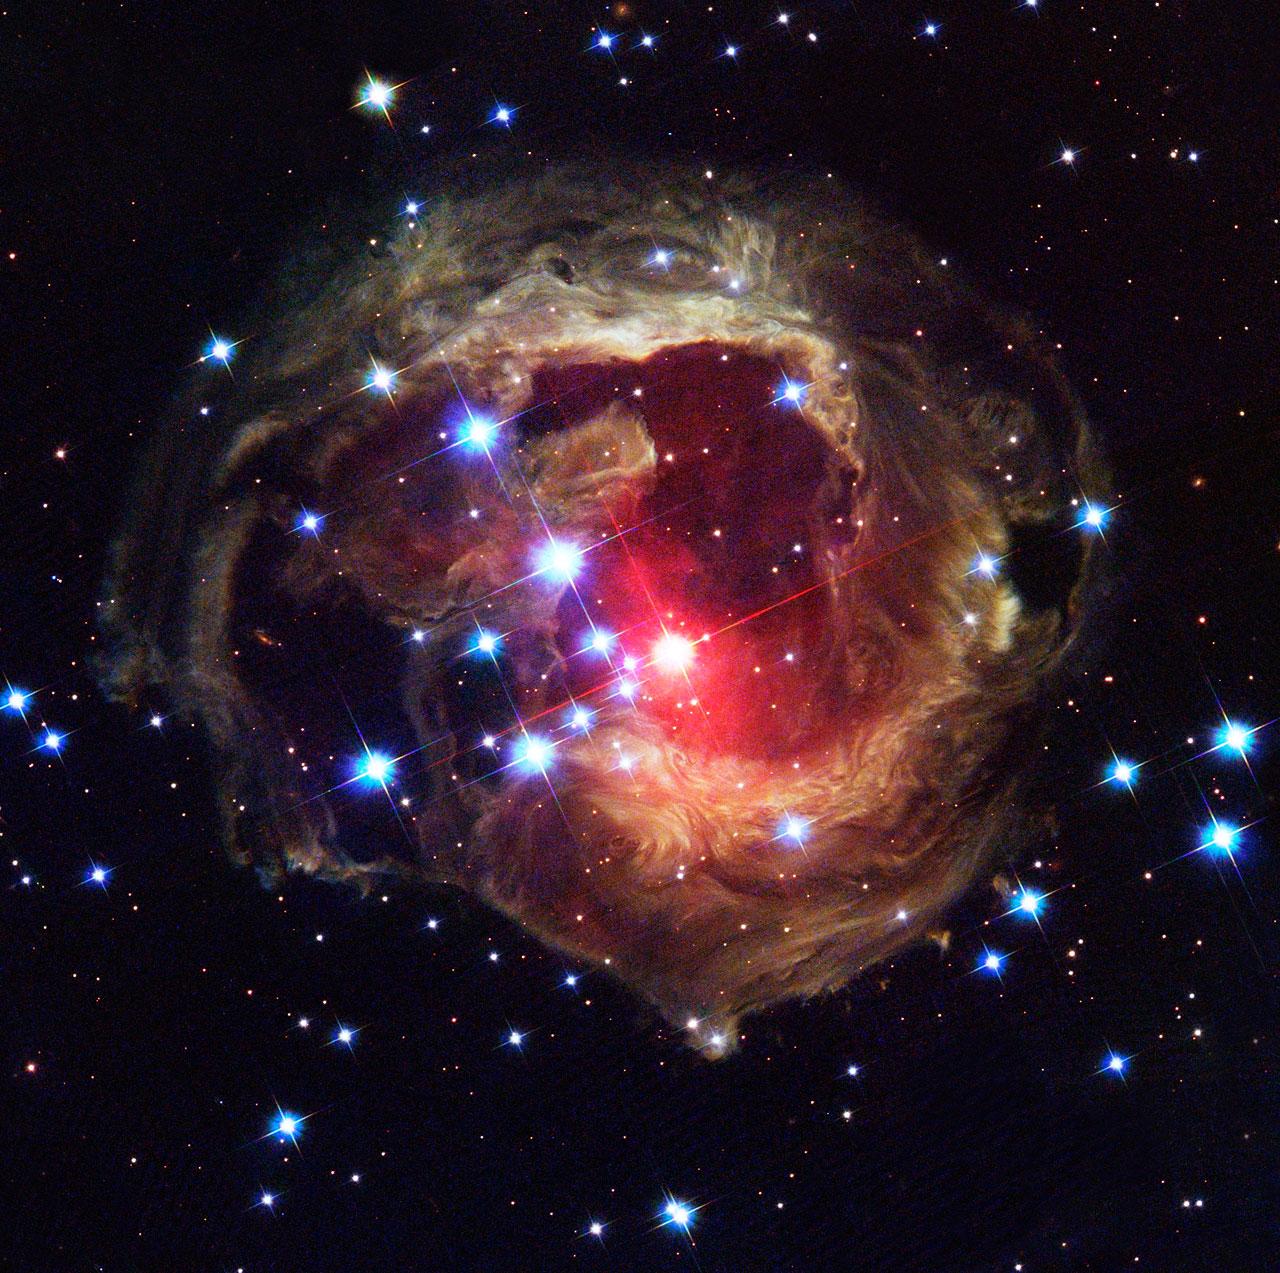 BLOQUE II LAS ESTRELLAS Monocerotis